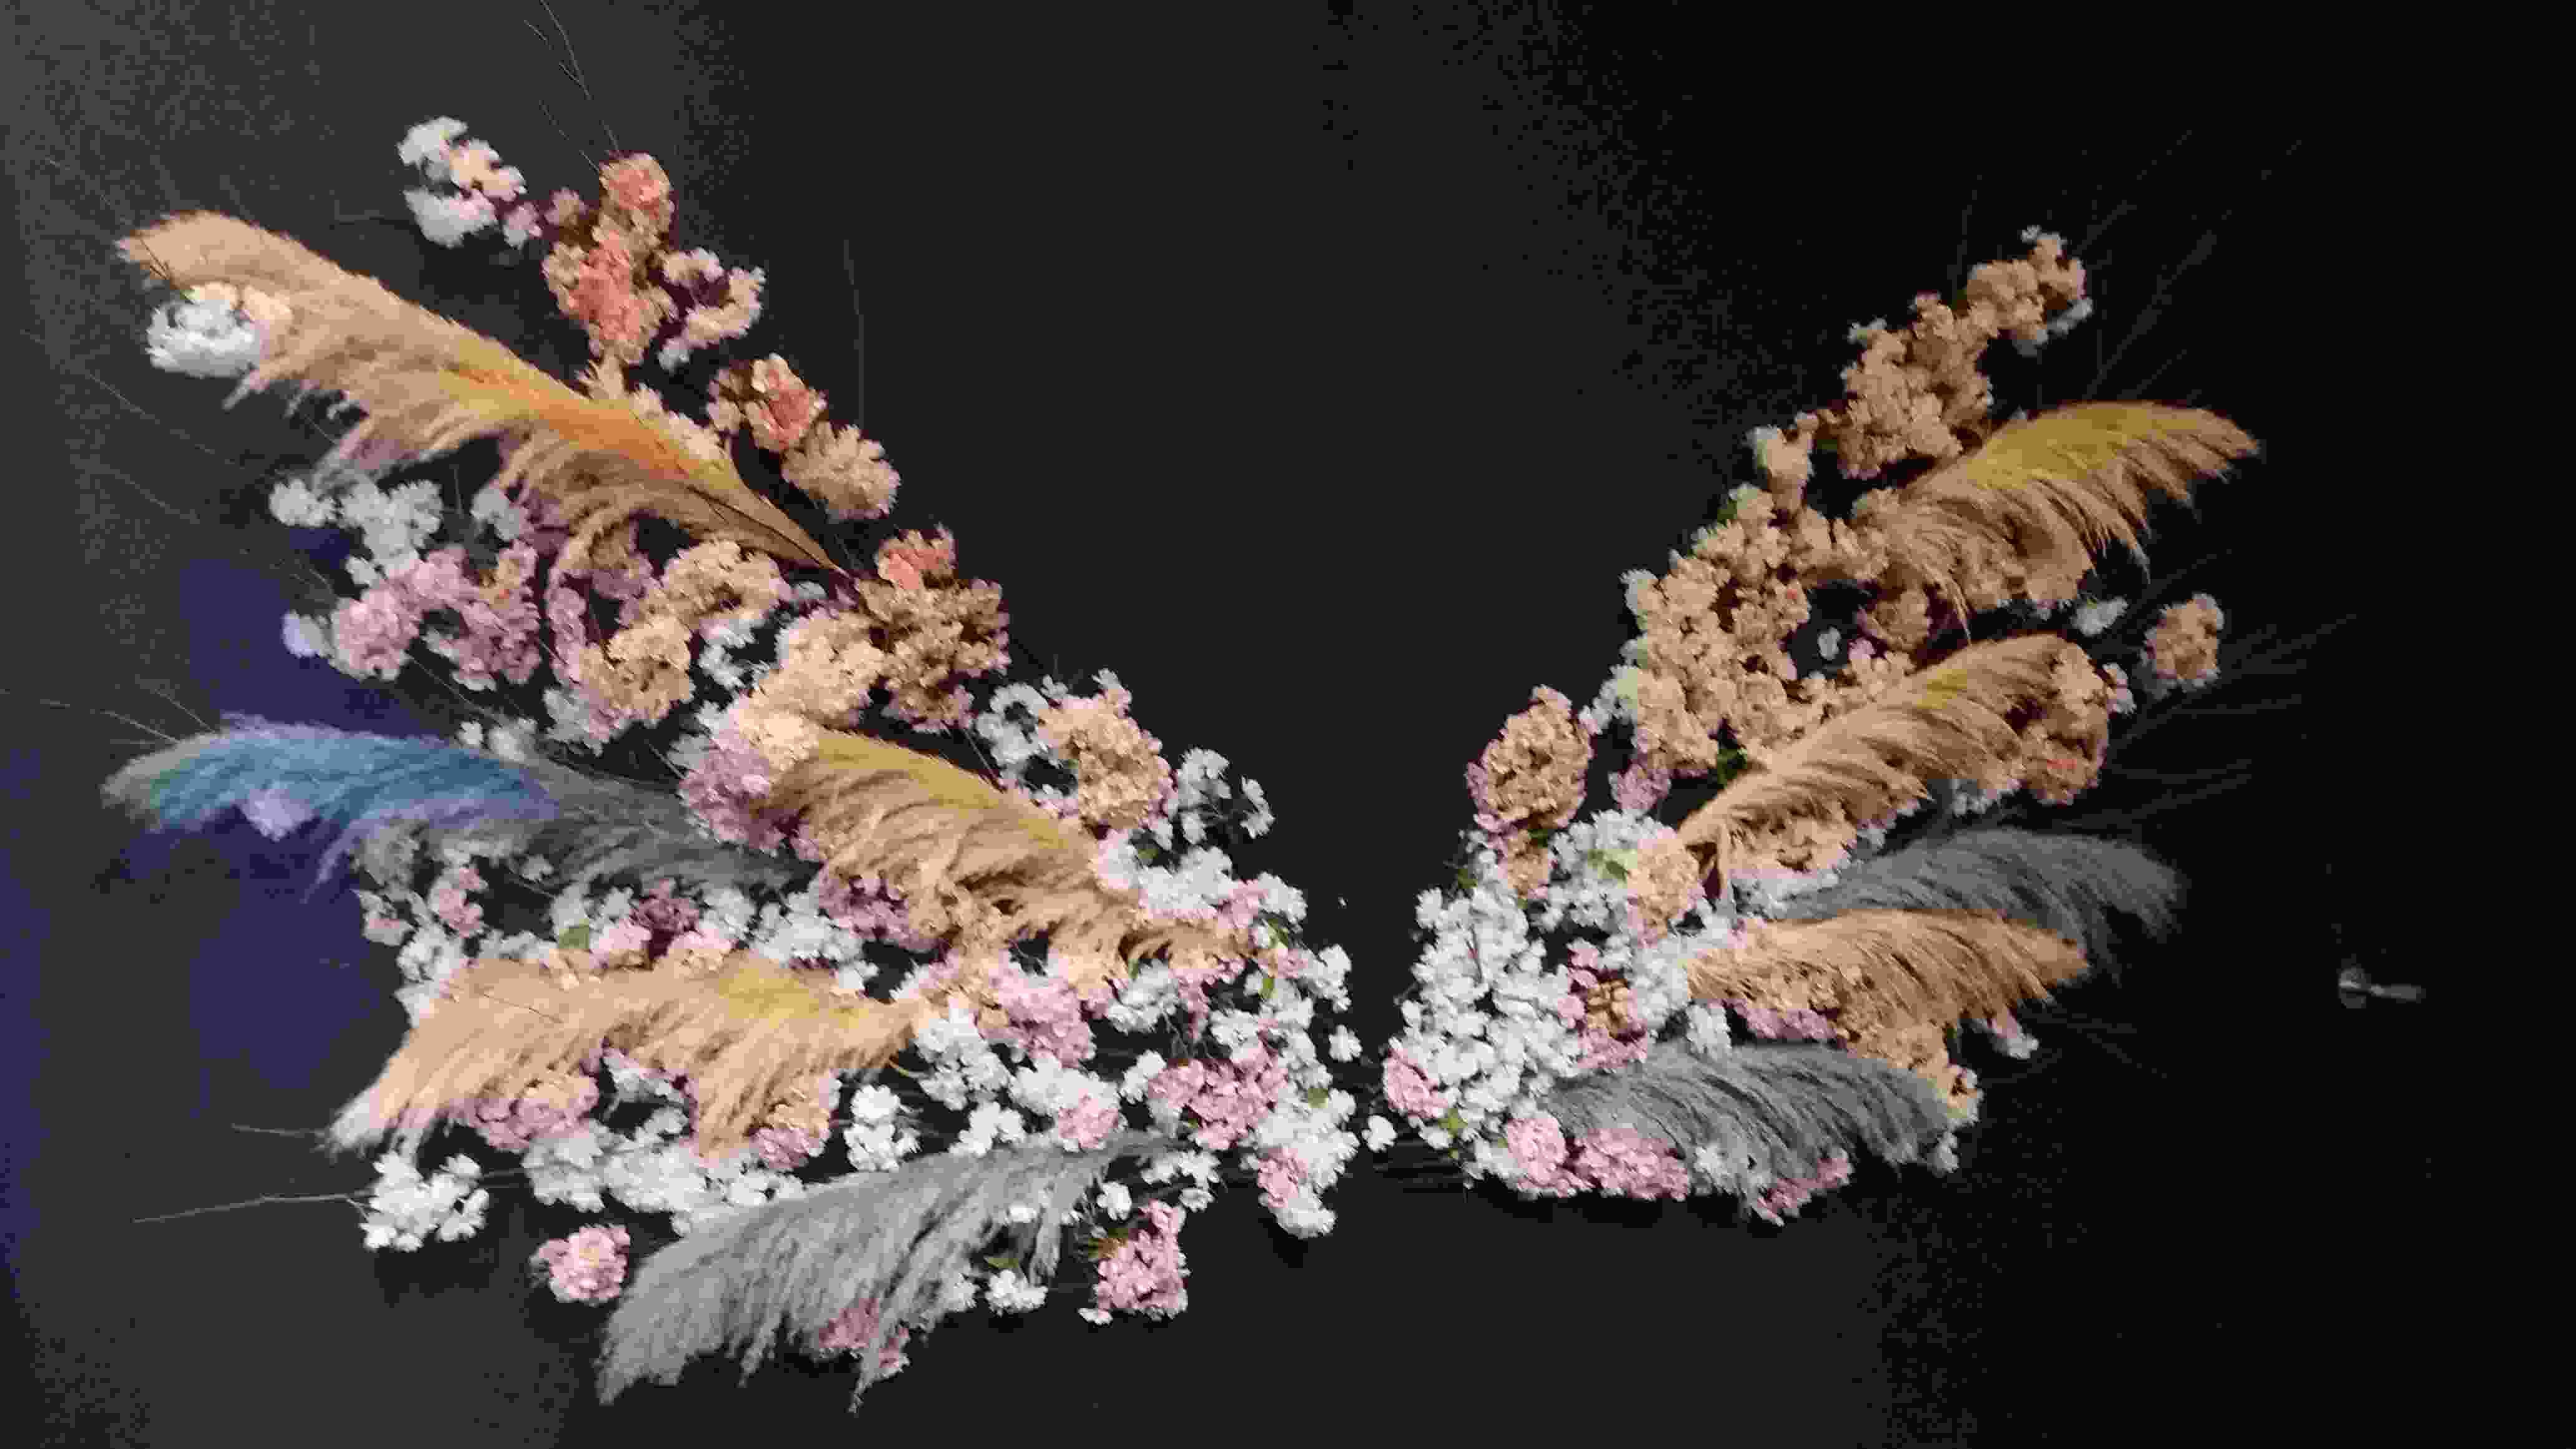 用花朵拼湊成的翅膀